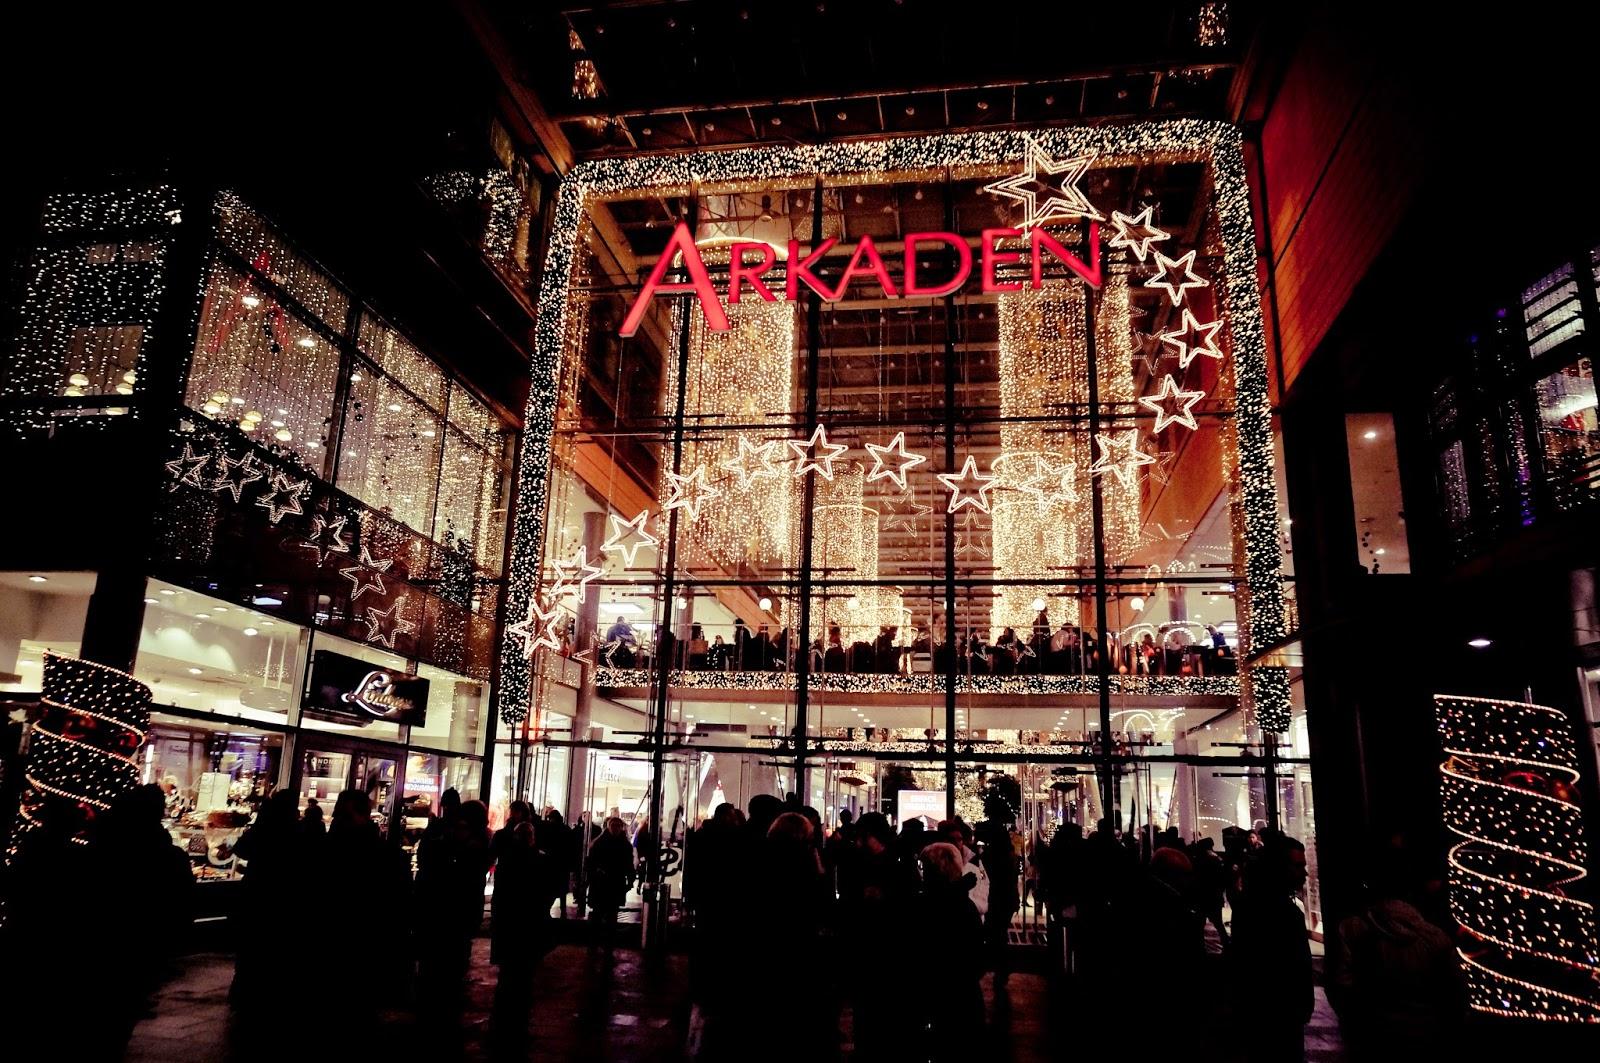 Berlin, centrum handlowe, świąteczne iluminacje, lody